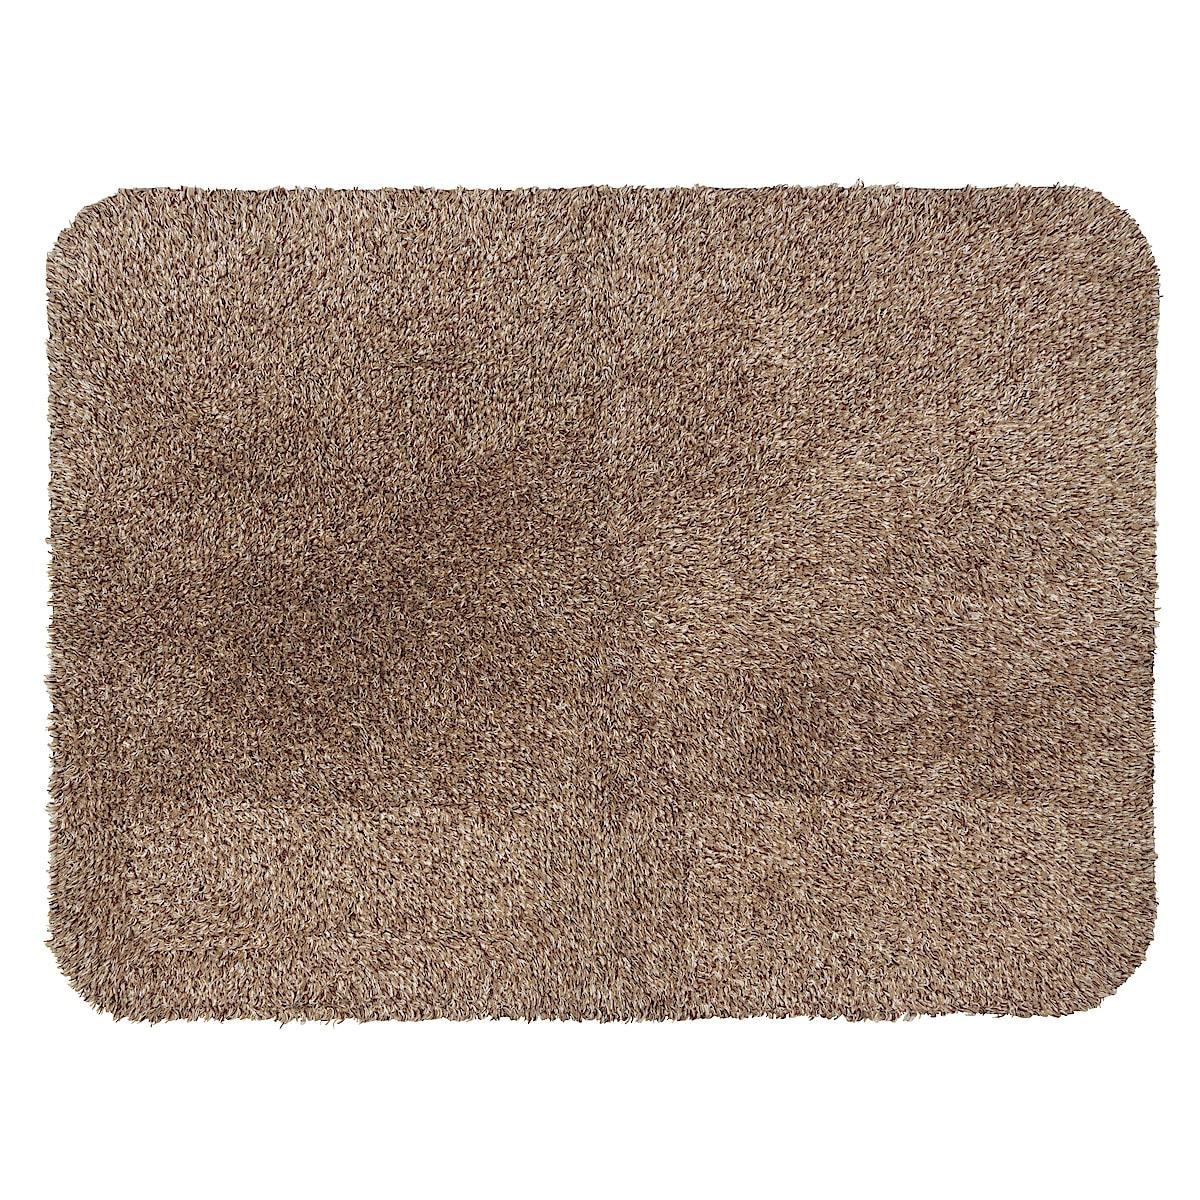 Devlon 50x75 cm Doormat